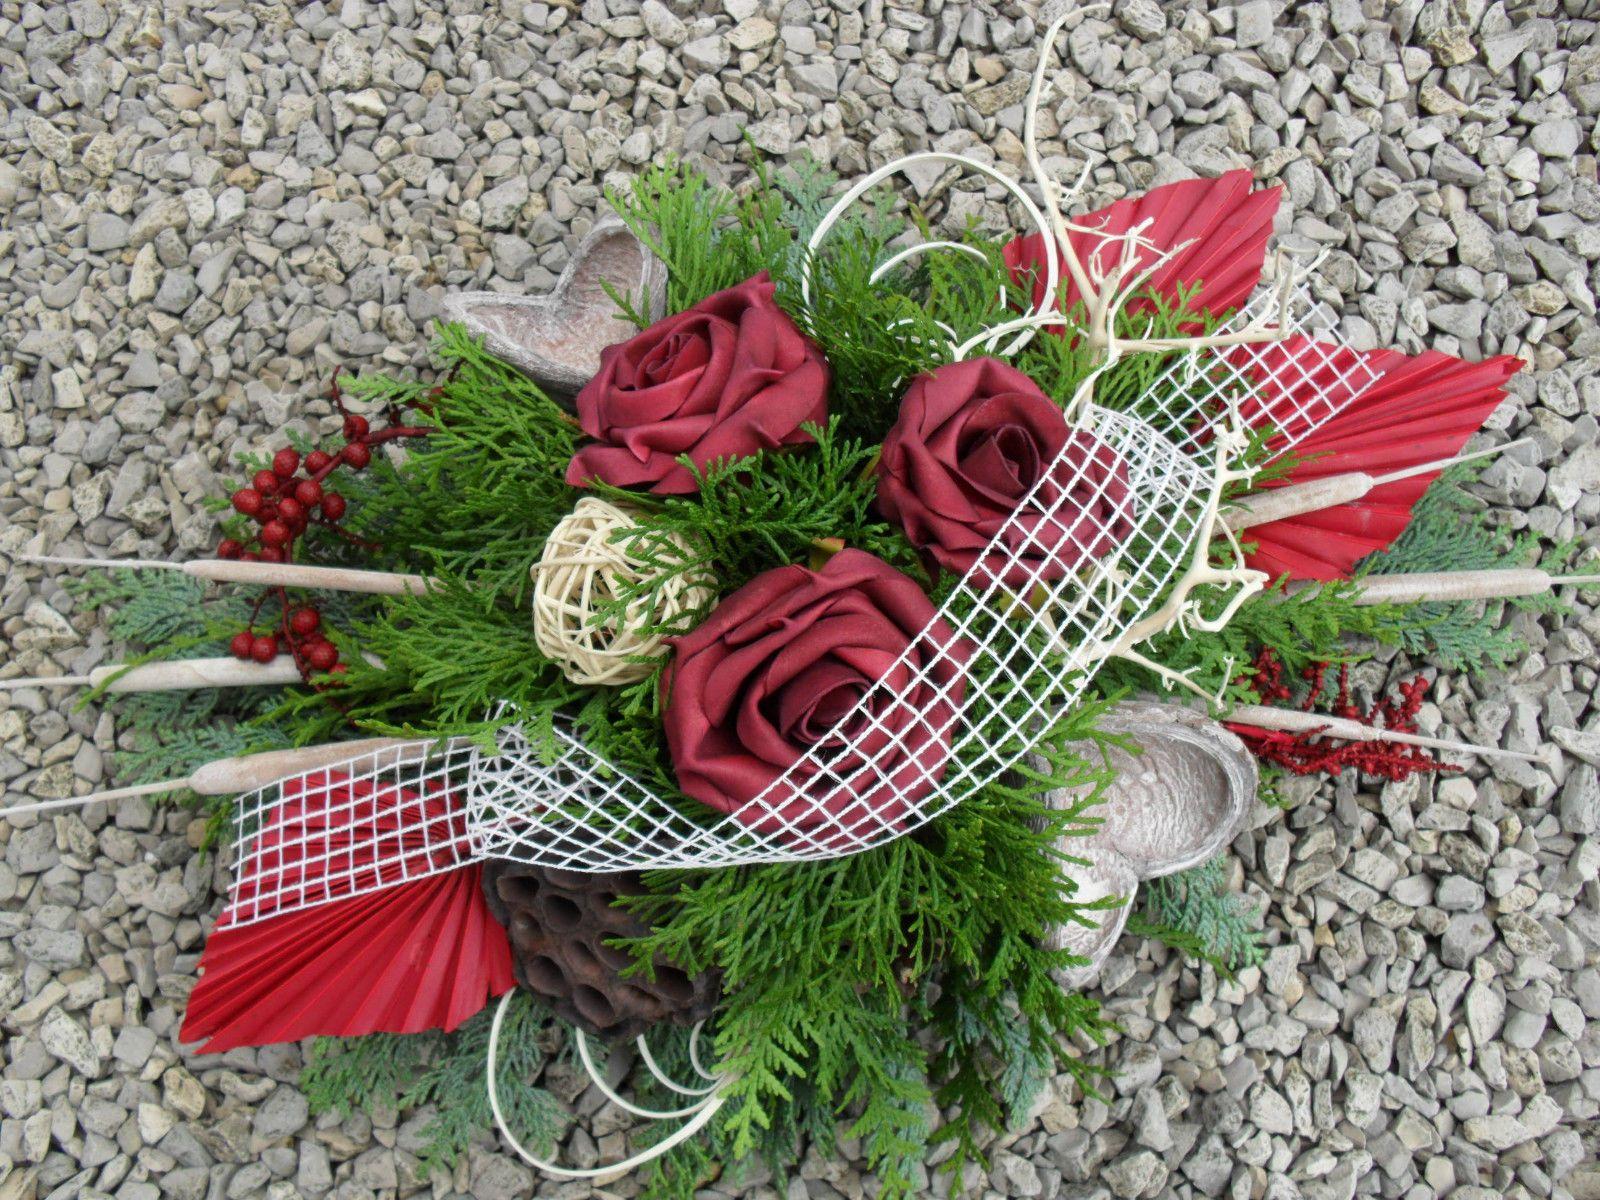 grabgesteck gesteck allerheiligen totensonntag grabschmuck gedenken rosen exoten for sale eur. Black Bedroom Furniture Sets. Home Design Ideas